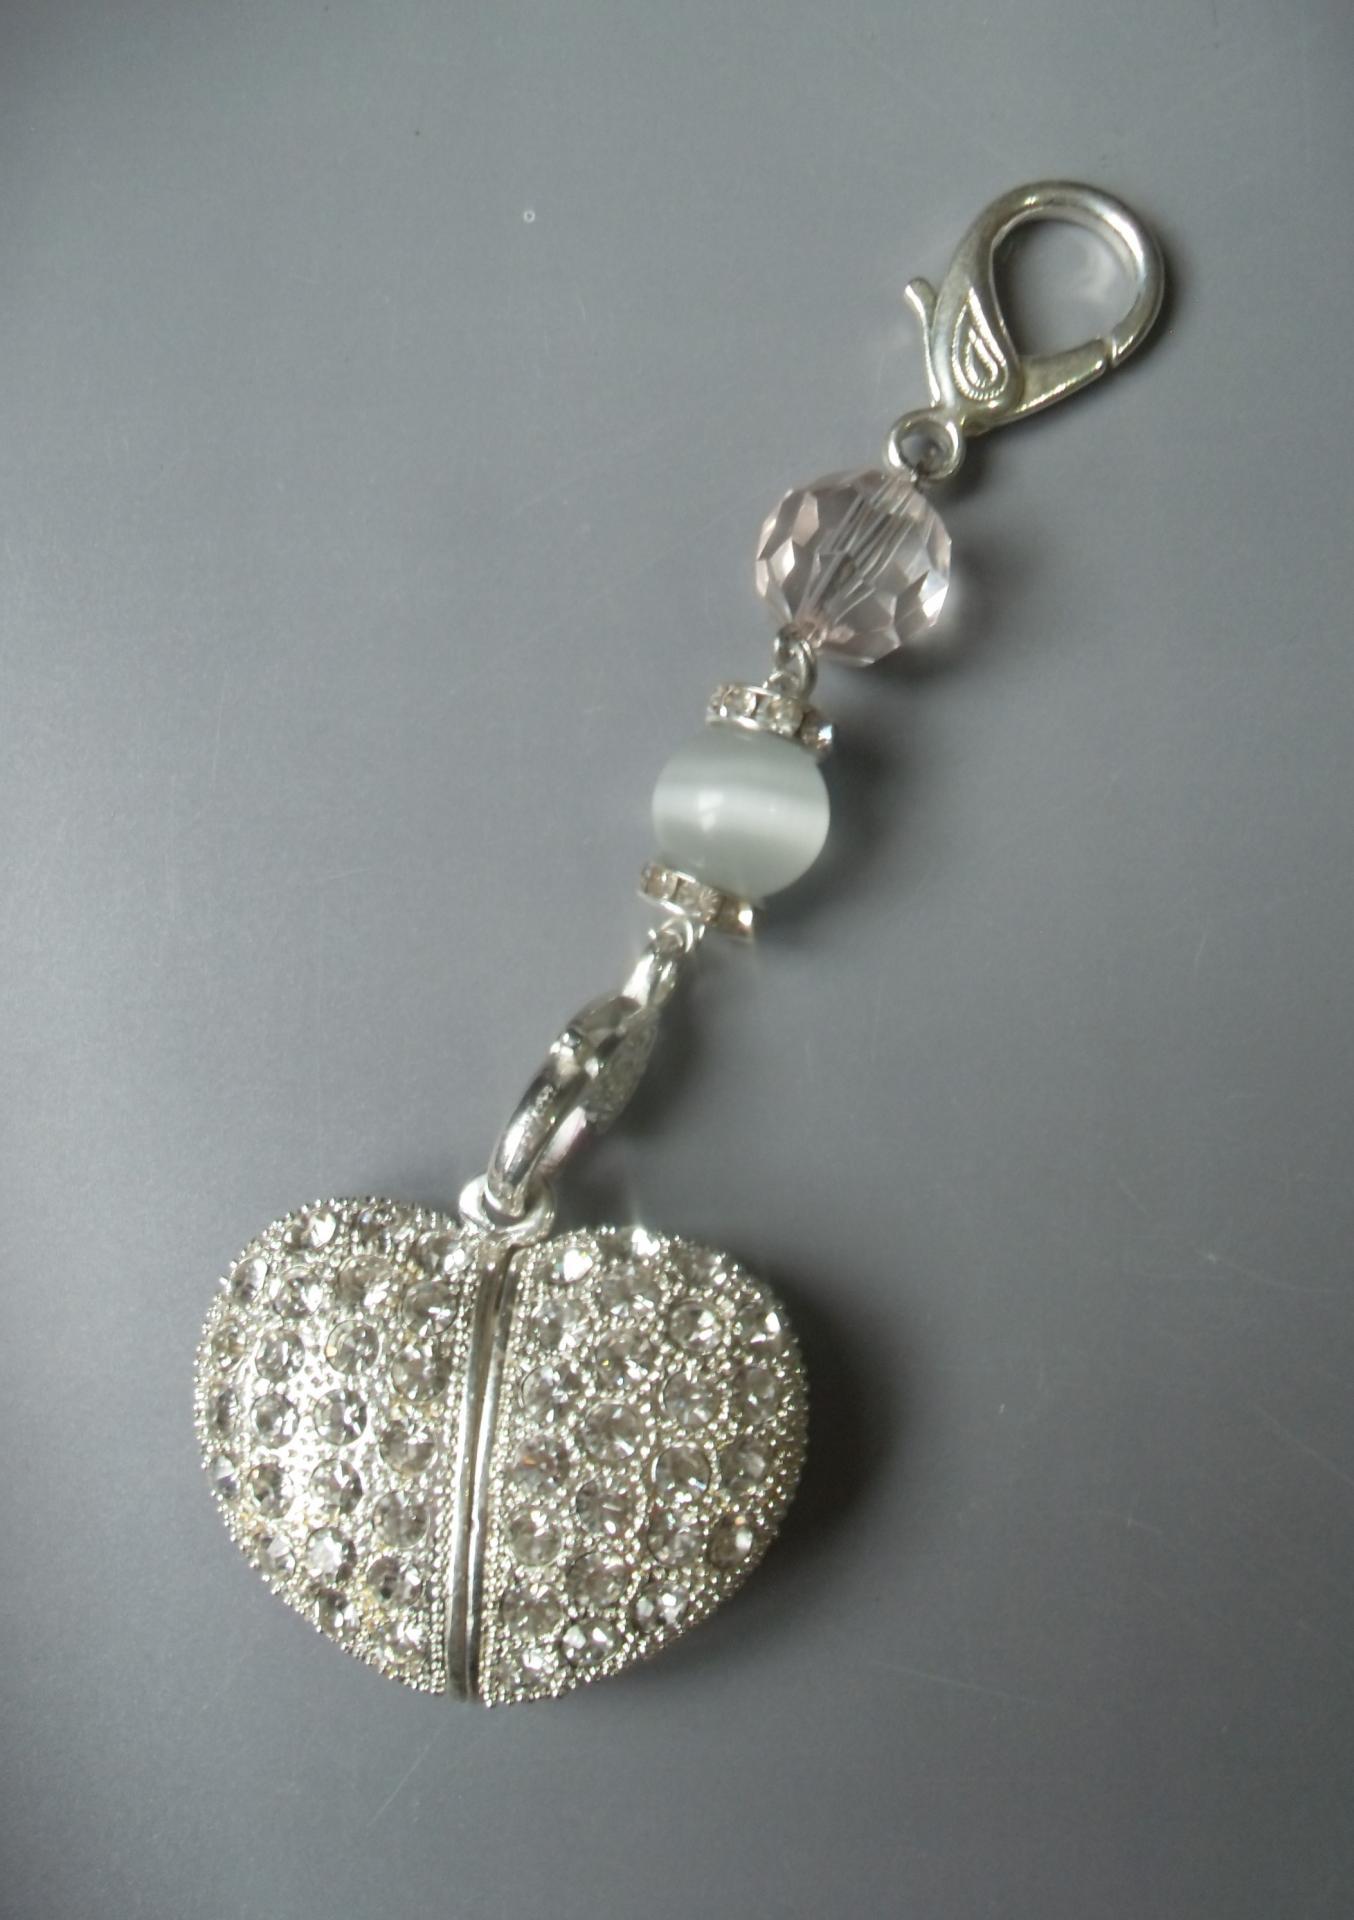 Collier chaîne argenté/bijou de sac coeur clé usb strass.